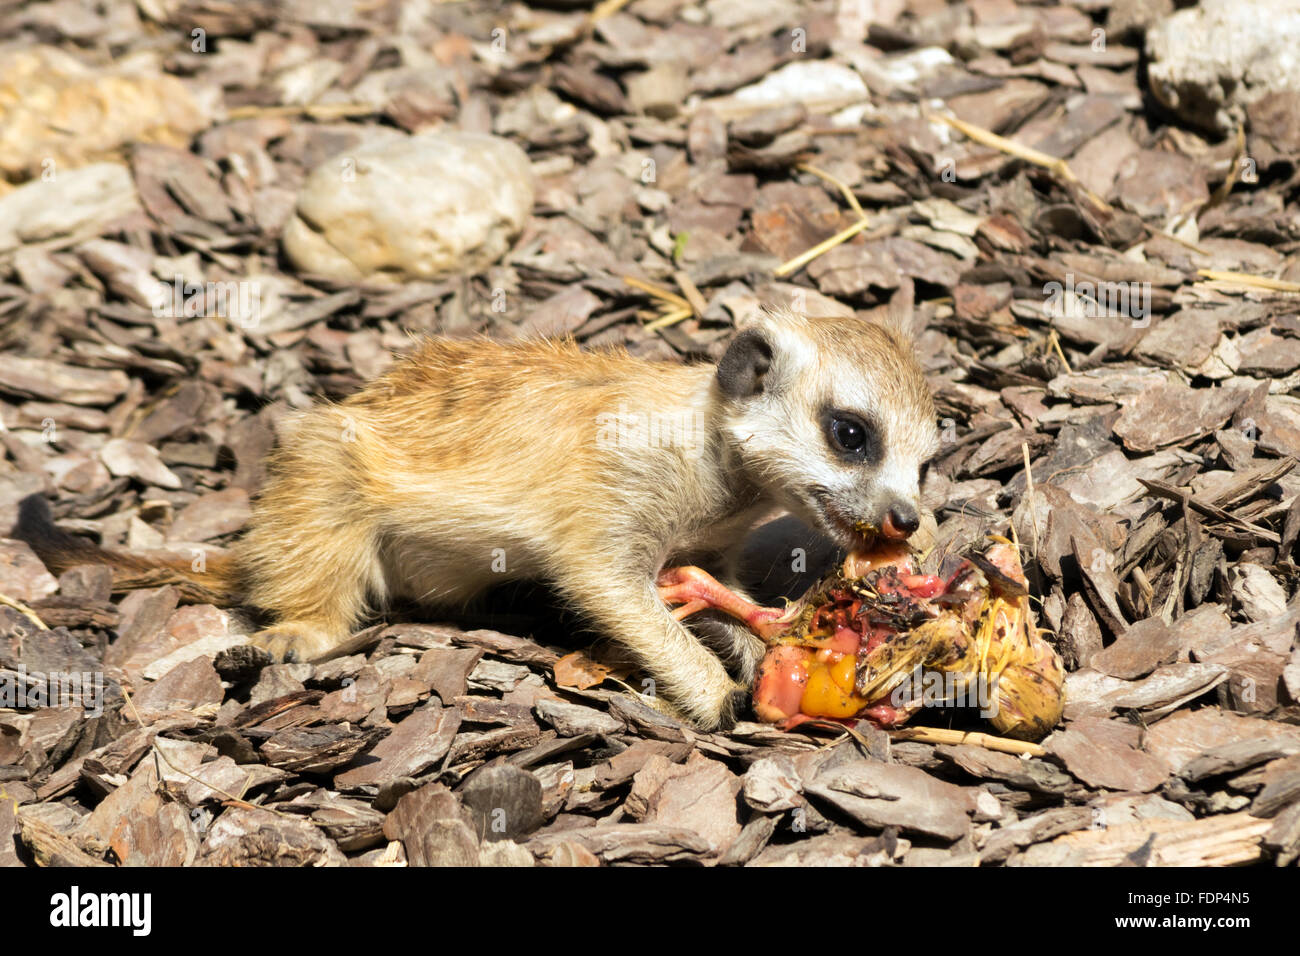 Baby meerkat (Suricata suricatta) manger un poussin Photo Stock